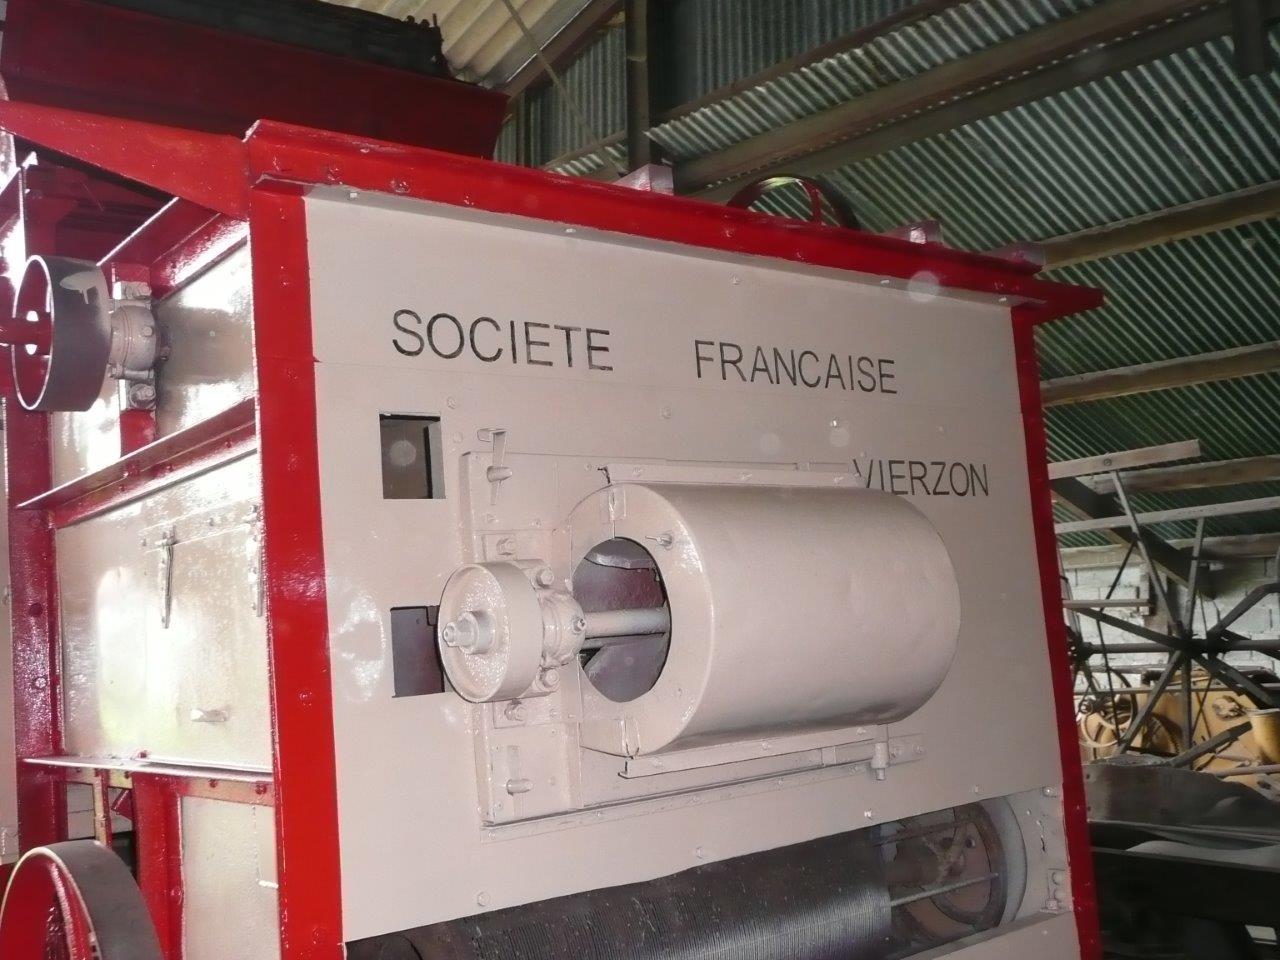 Société Française (11)